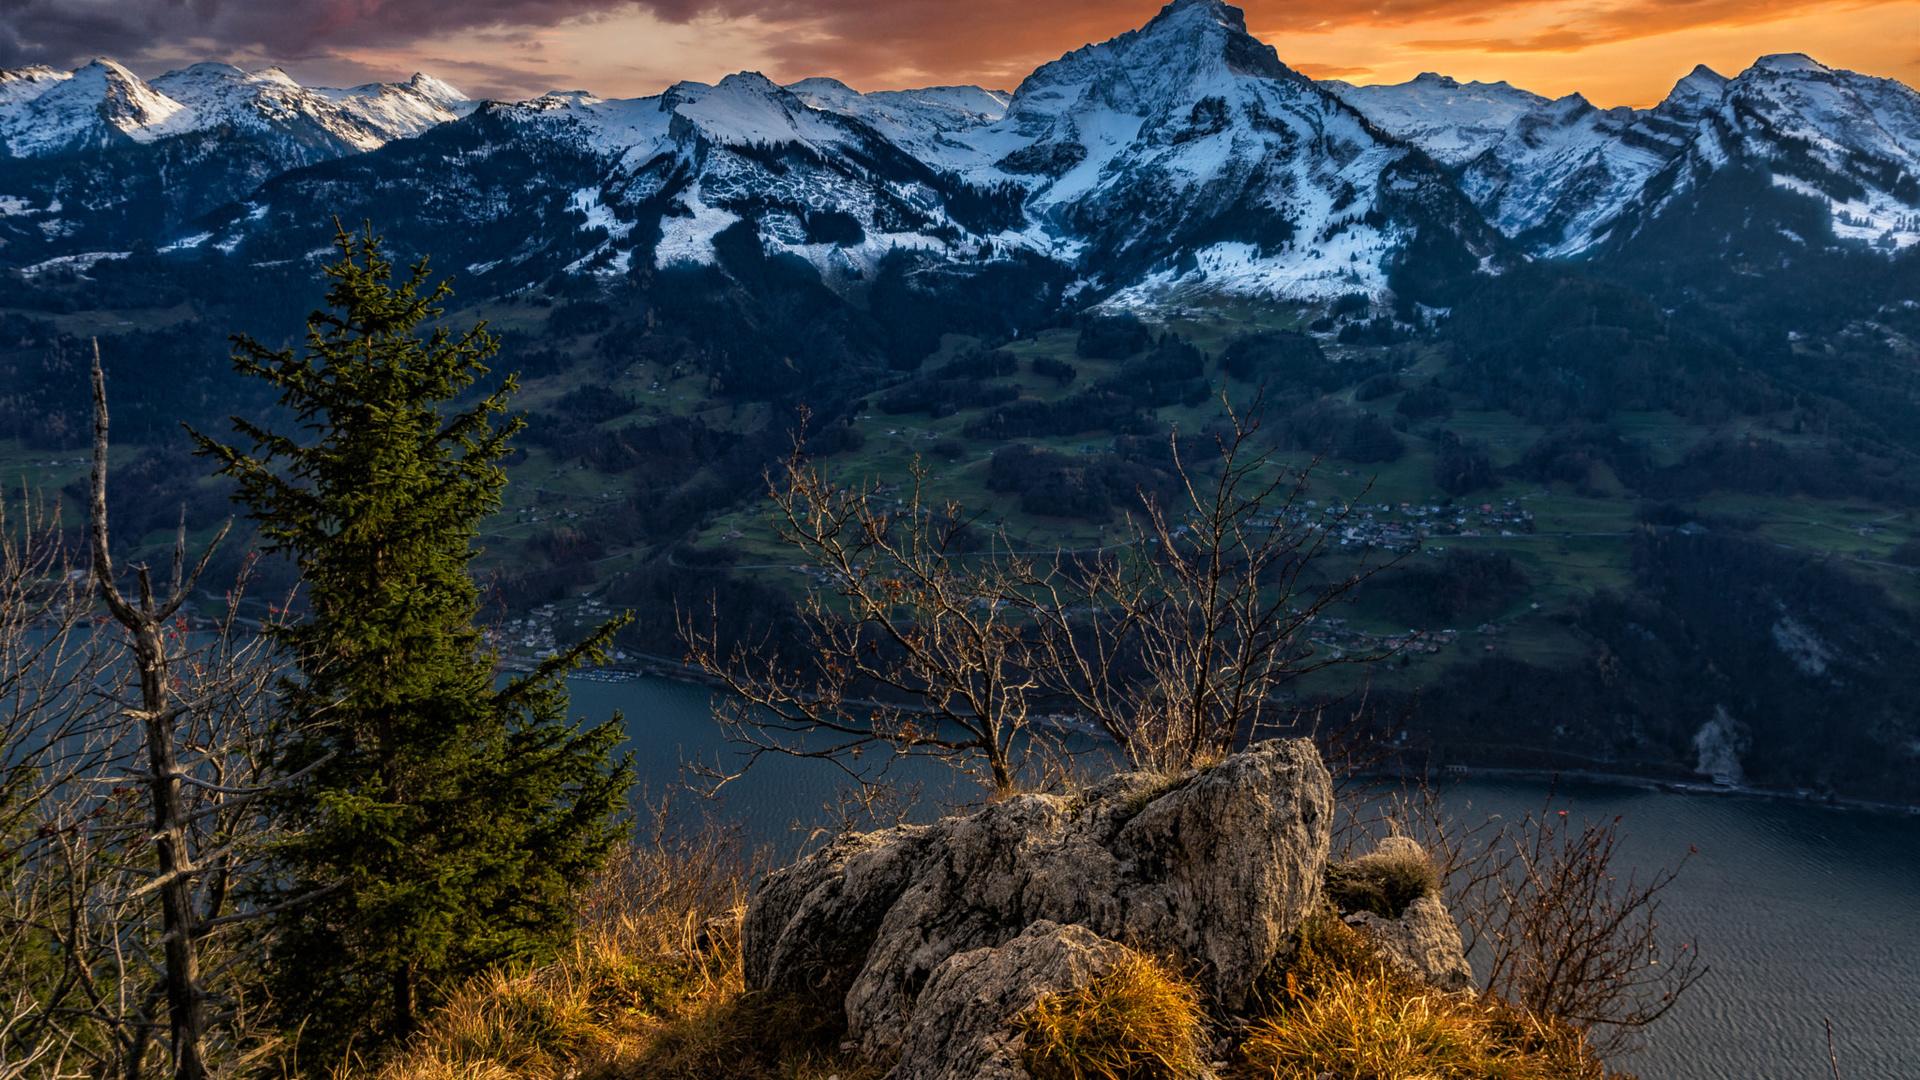 markus stauffer, швейцария, пейзаж, горы, камни, дерево, ель, ёлка, озеро, снег, природа